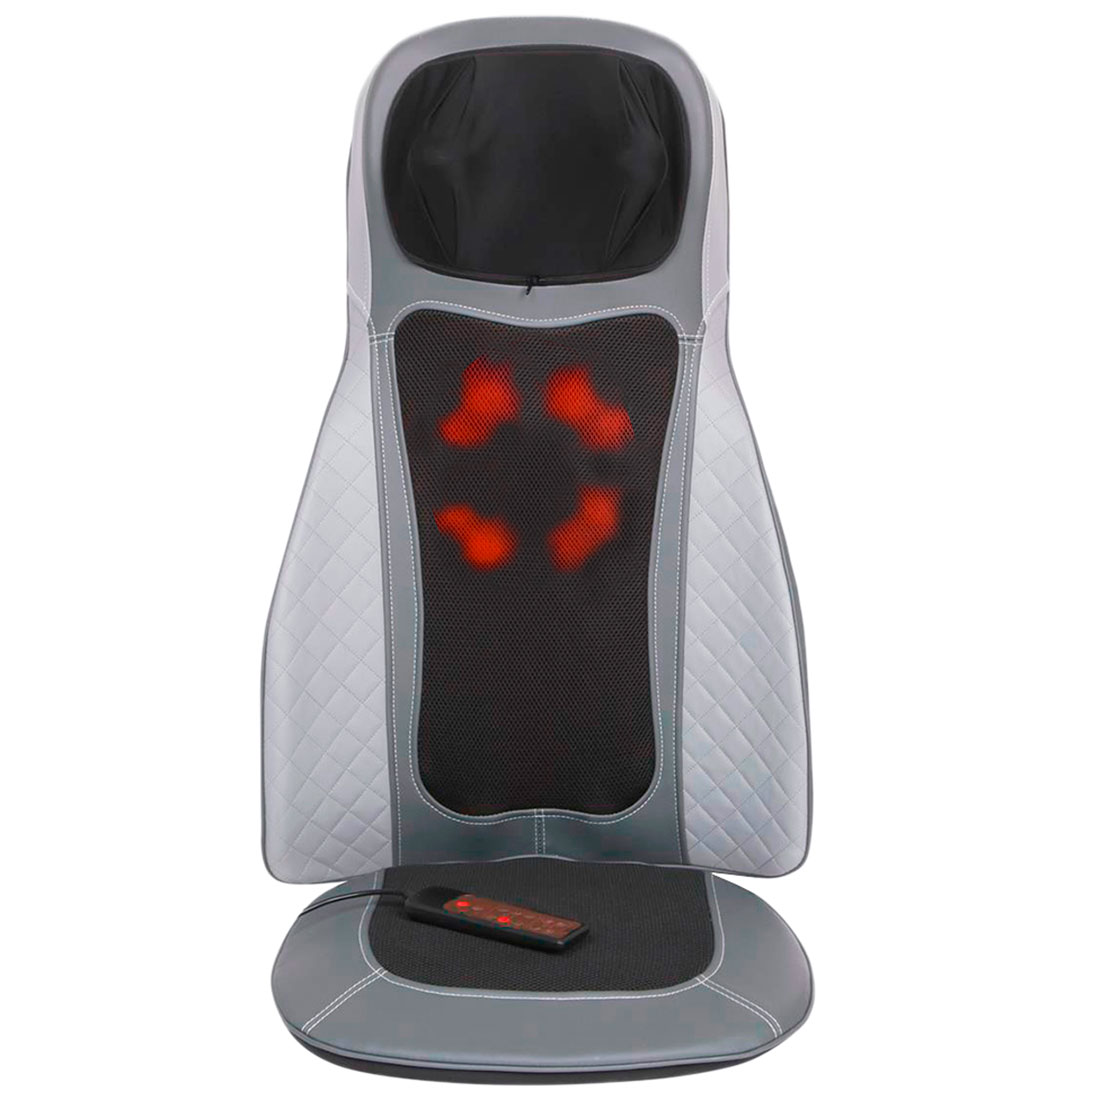 Массажная накидка Body Care PLUS, 8+4 ролика, массаж шеи, вибромассаж, пульт ДУ, 220/12В, GESS